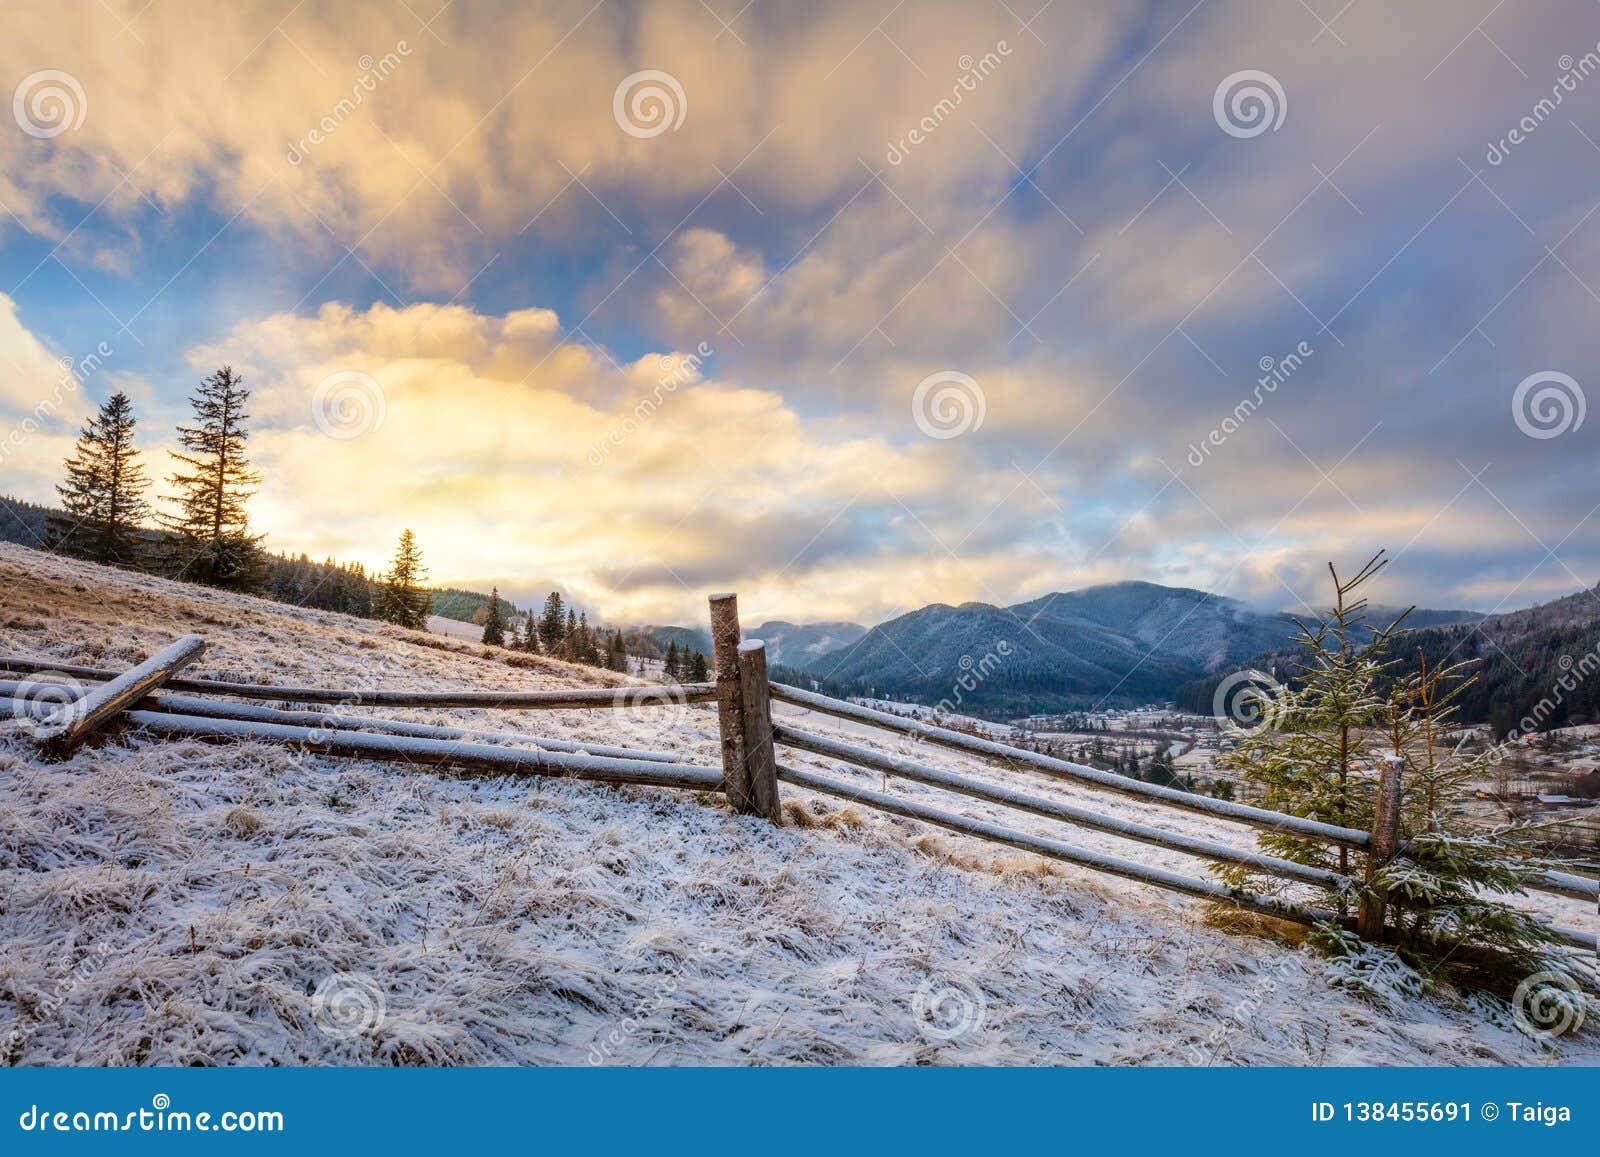 Nascer do sol colorido - manhã do inverno em montanhas nevados Paisagem